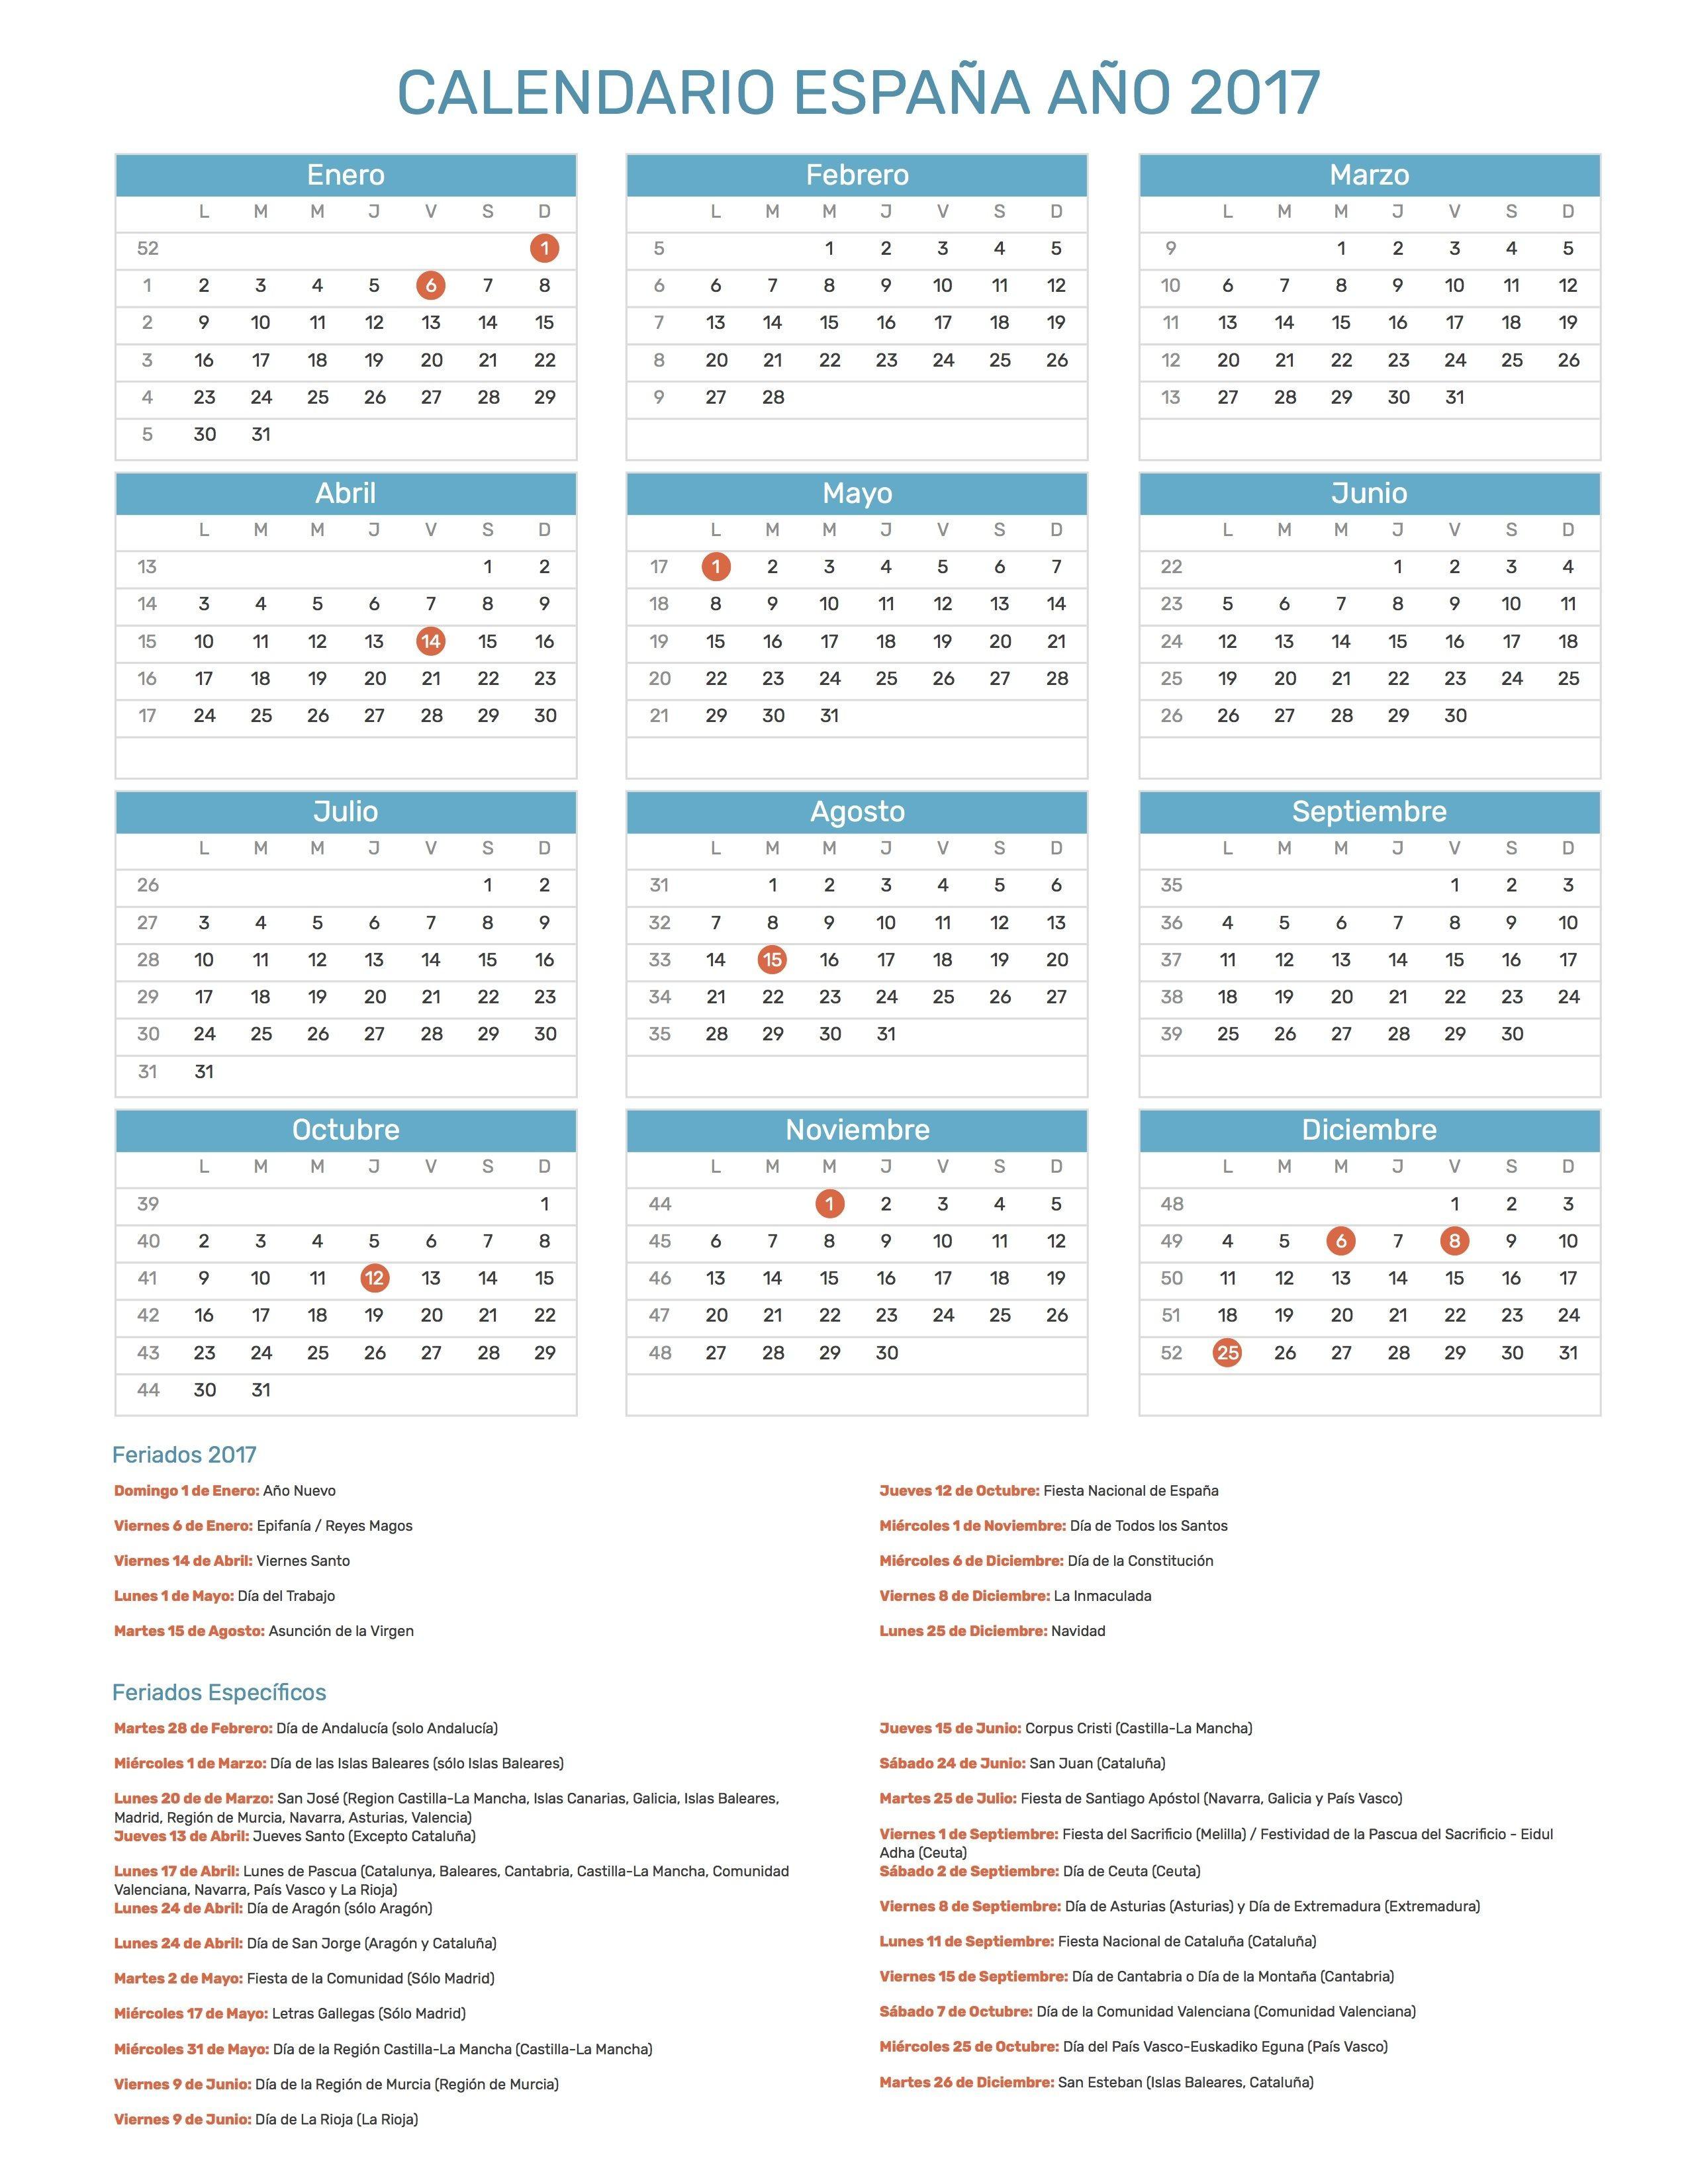 Calendario Dias Feriados Venezuela 2020 Mejores Y Más Novedosos 15 Mejores Imágenes De Calendario De 2017 Of Calendario Dias Feriados Venezuela 2020 Más Caliente Texto Consolidado R2447 — Es — 21 04 2018